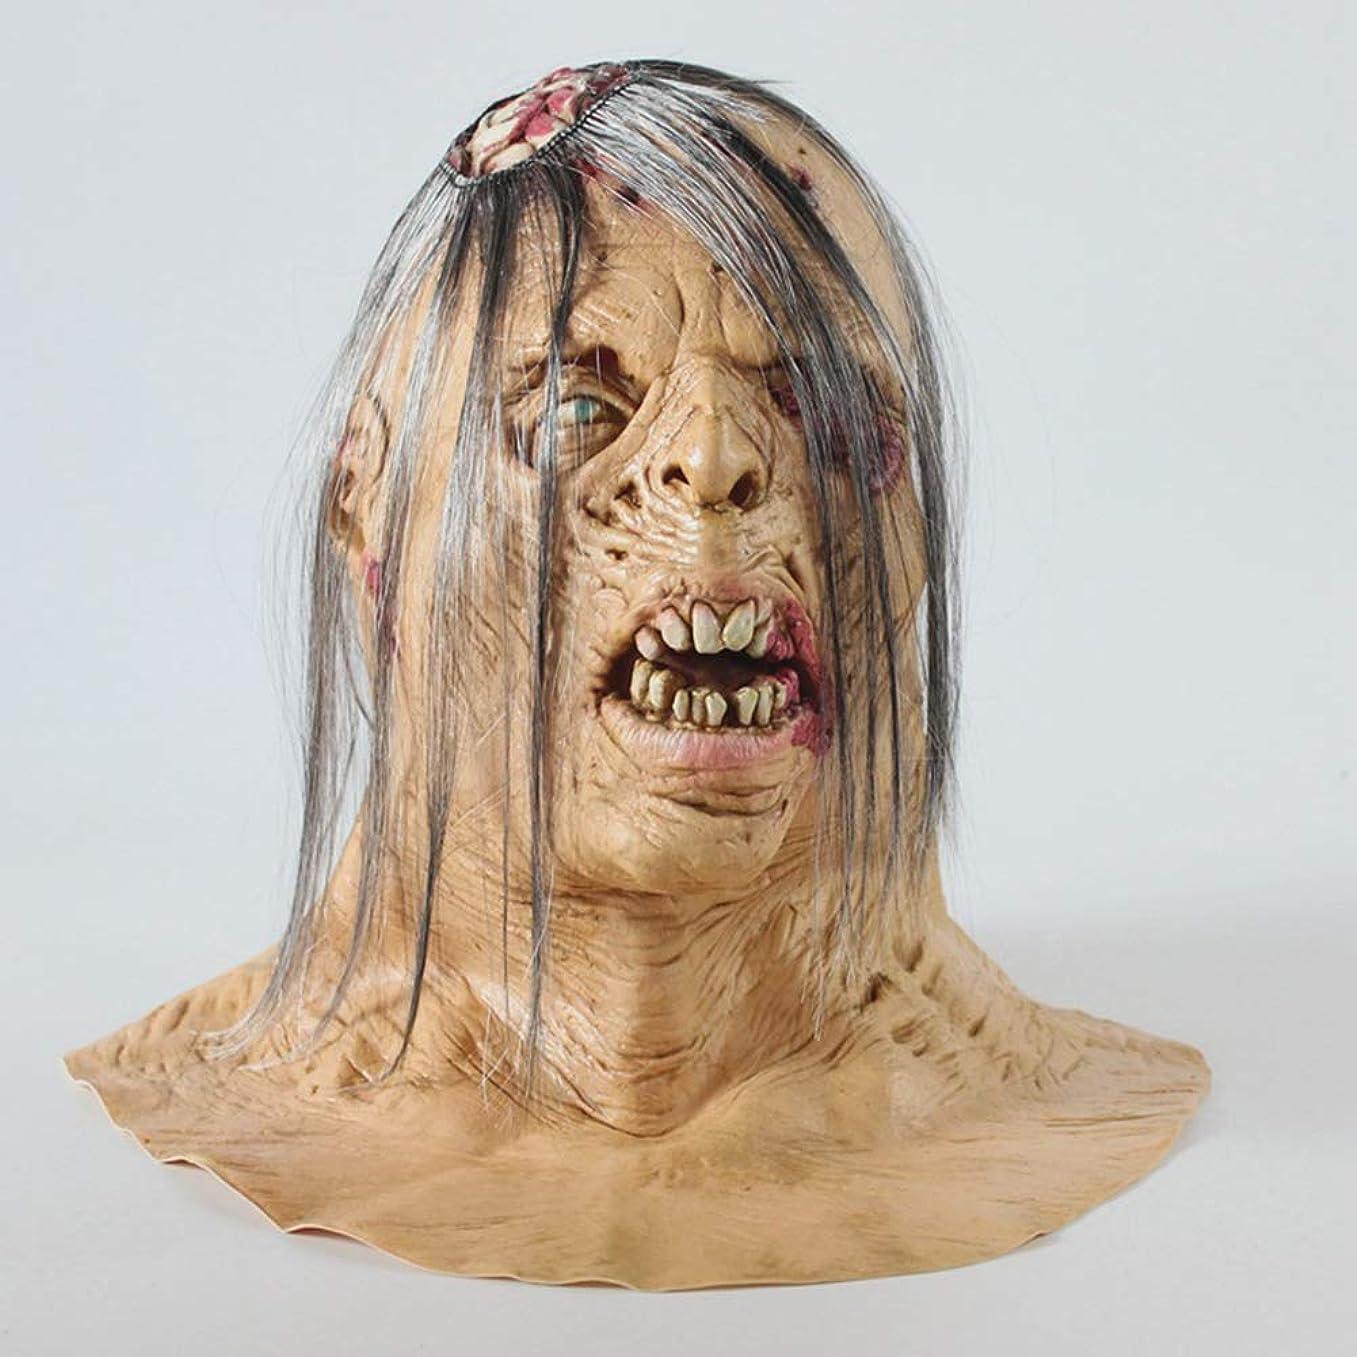 アクティブひねり休みハロウィーンホラーマスク、髪のゾンビマスク、創造的な面白いヘッドマスク、パーティー仮装ラテックスマスク